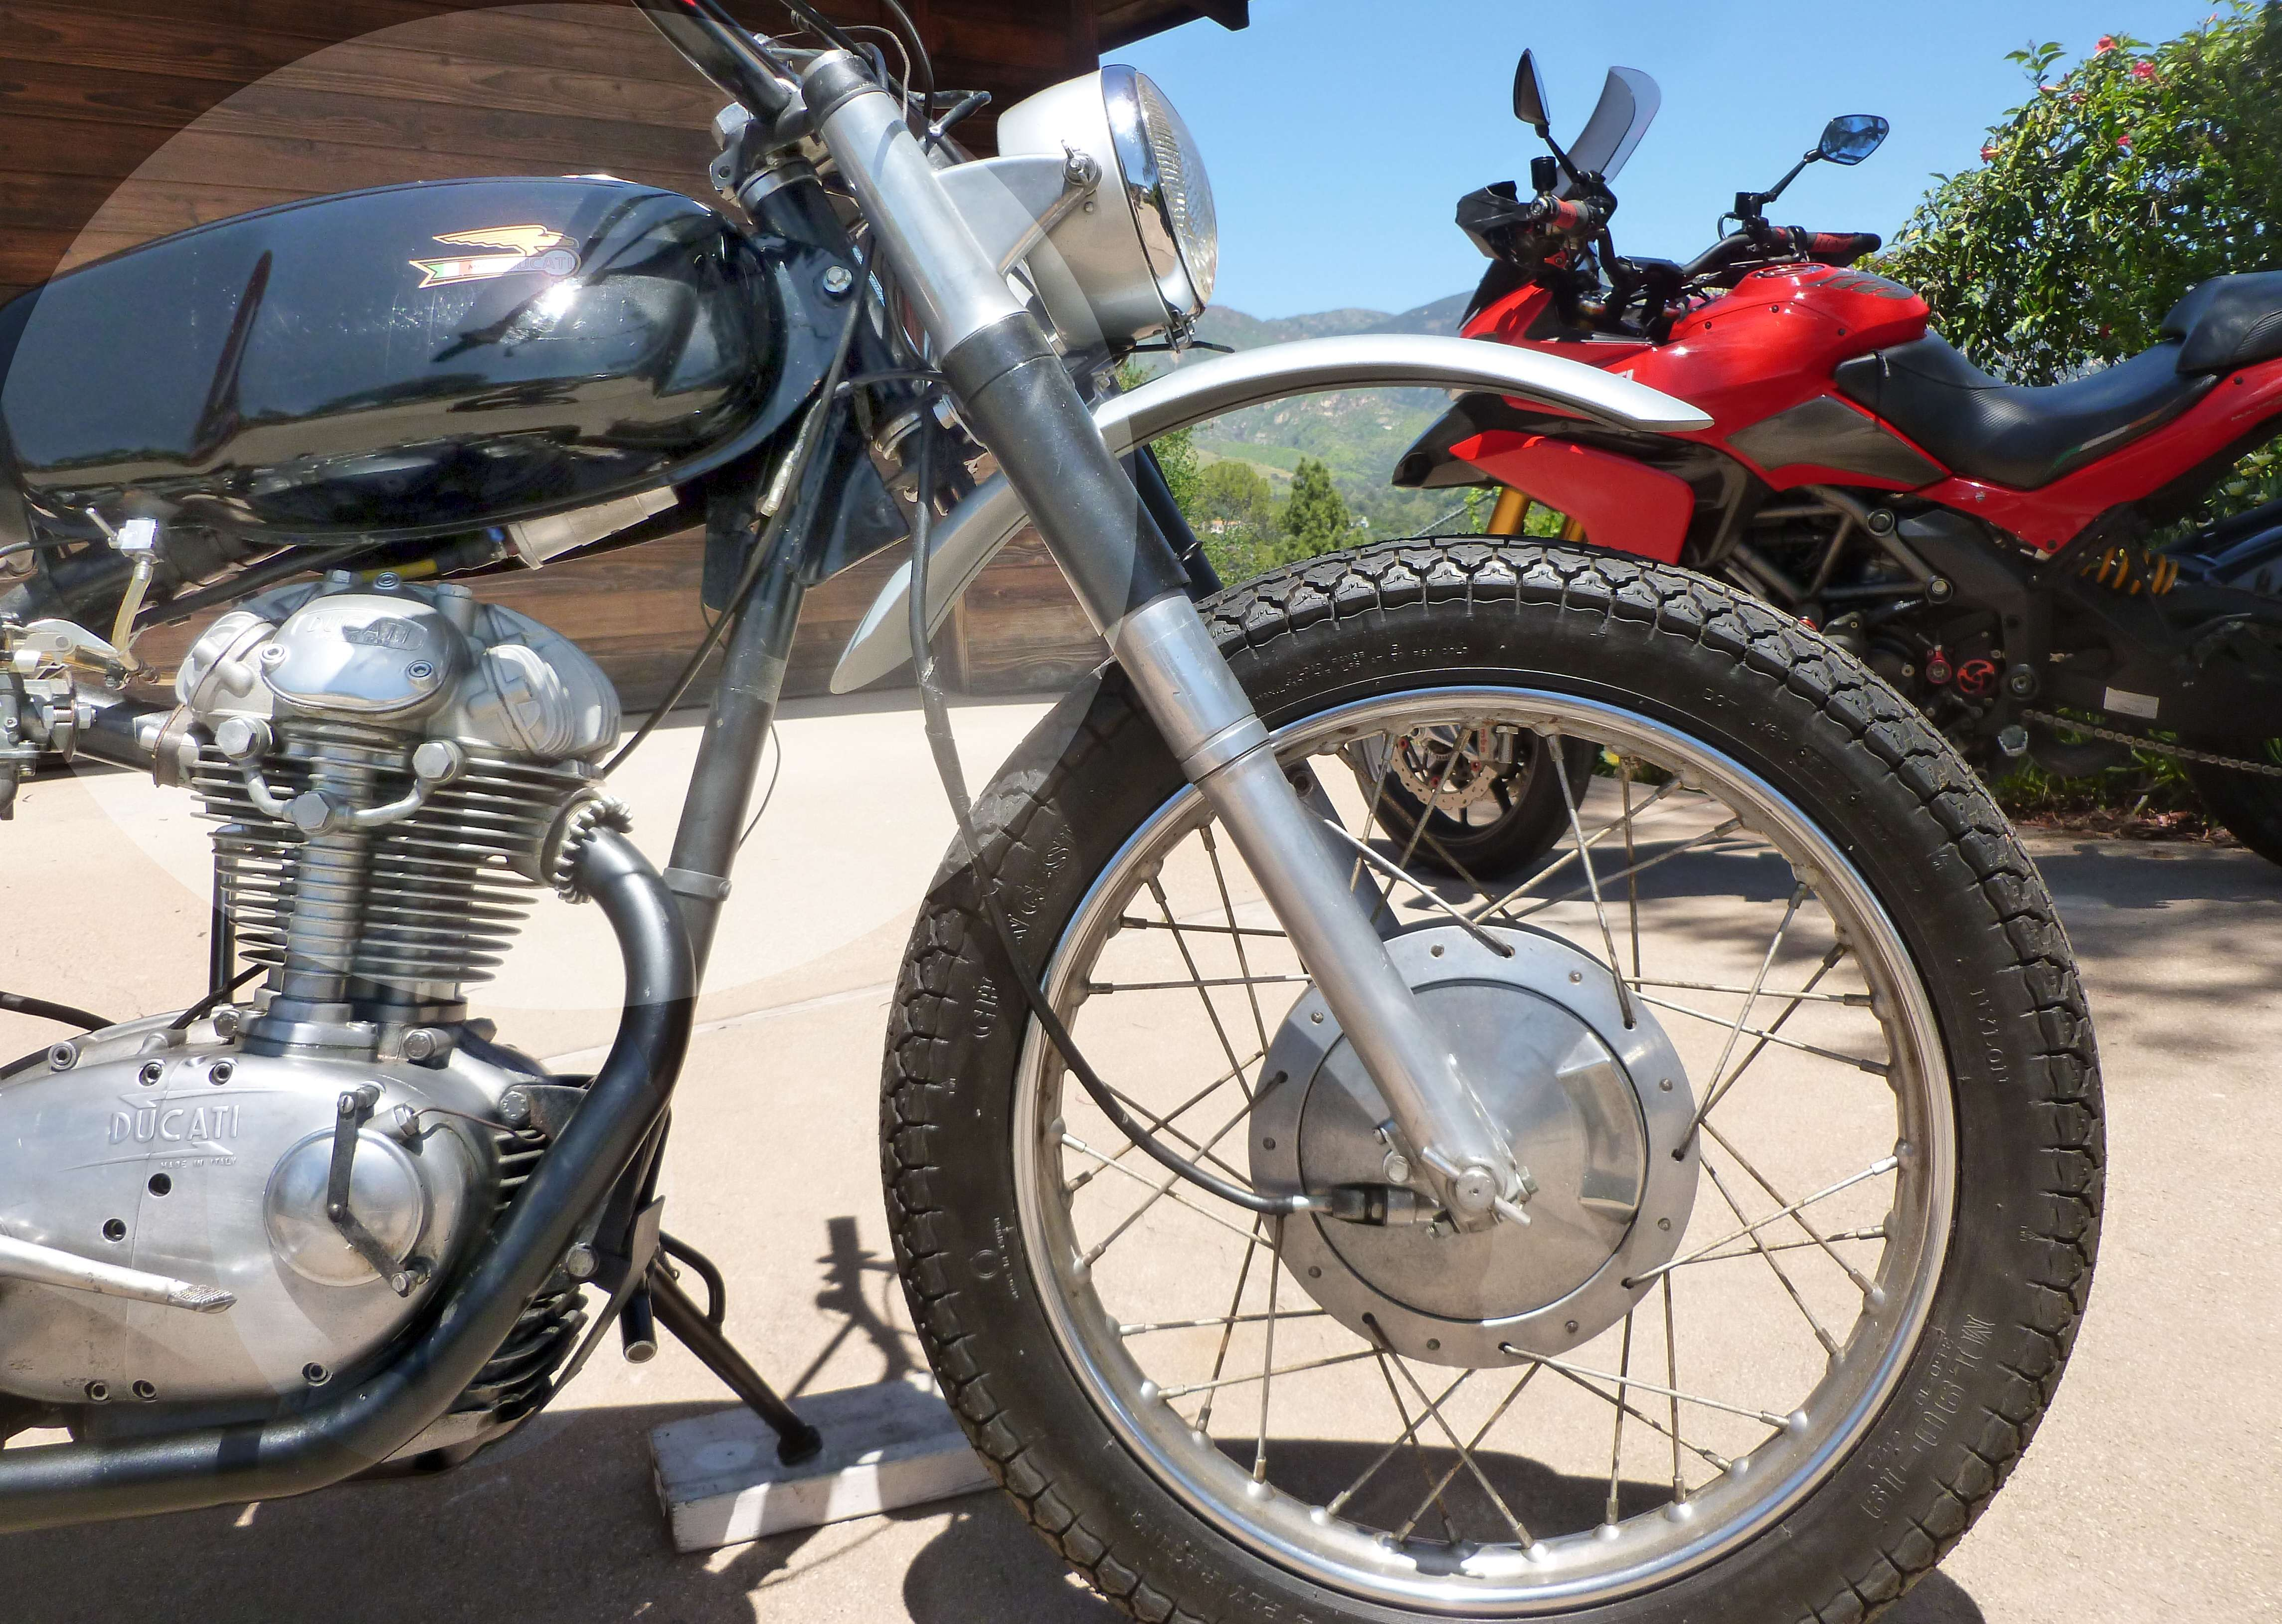 Ducati 1965 Scrambler 250 Narrow case 3